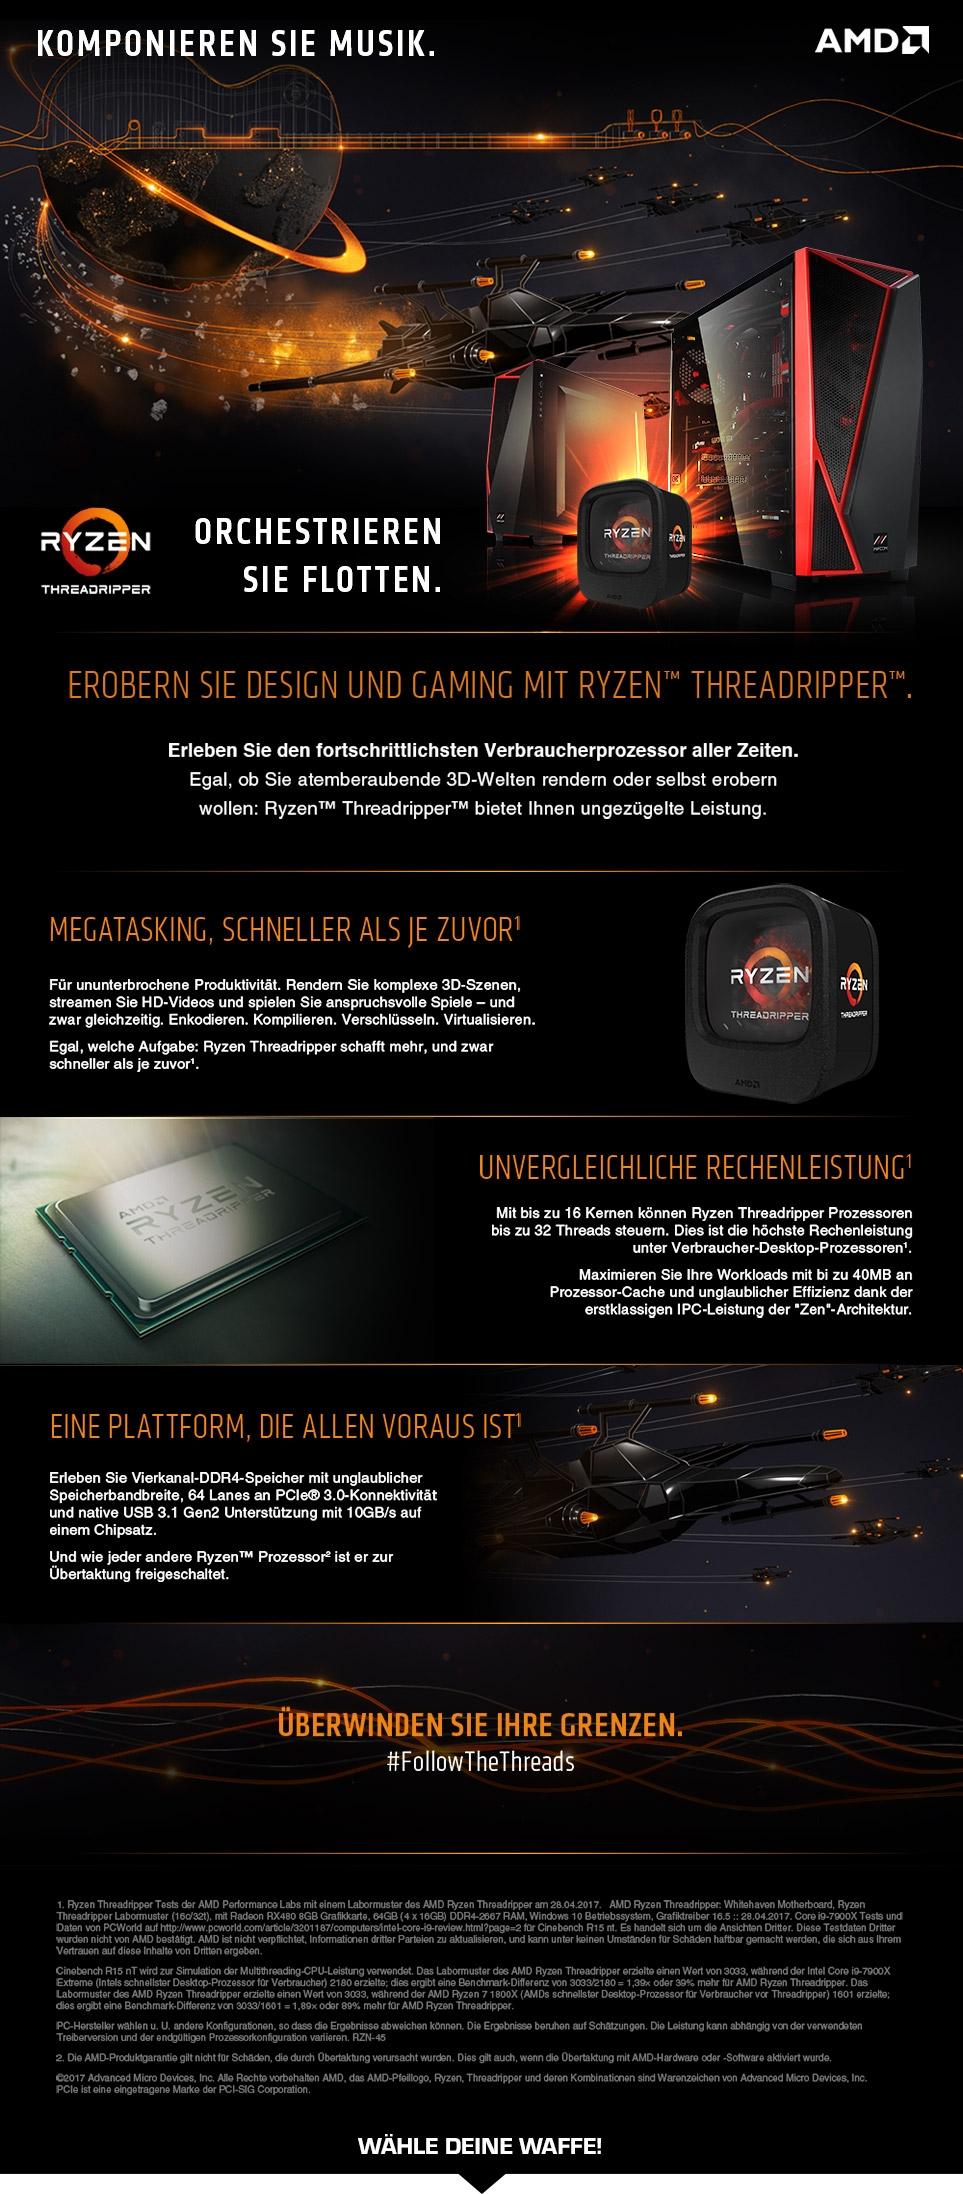 MIFCOM PCs mit AMD Ryzen Threadripper Prozessoren